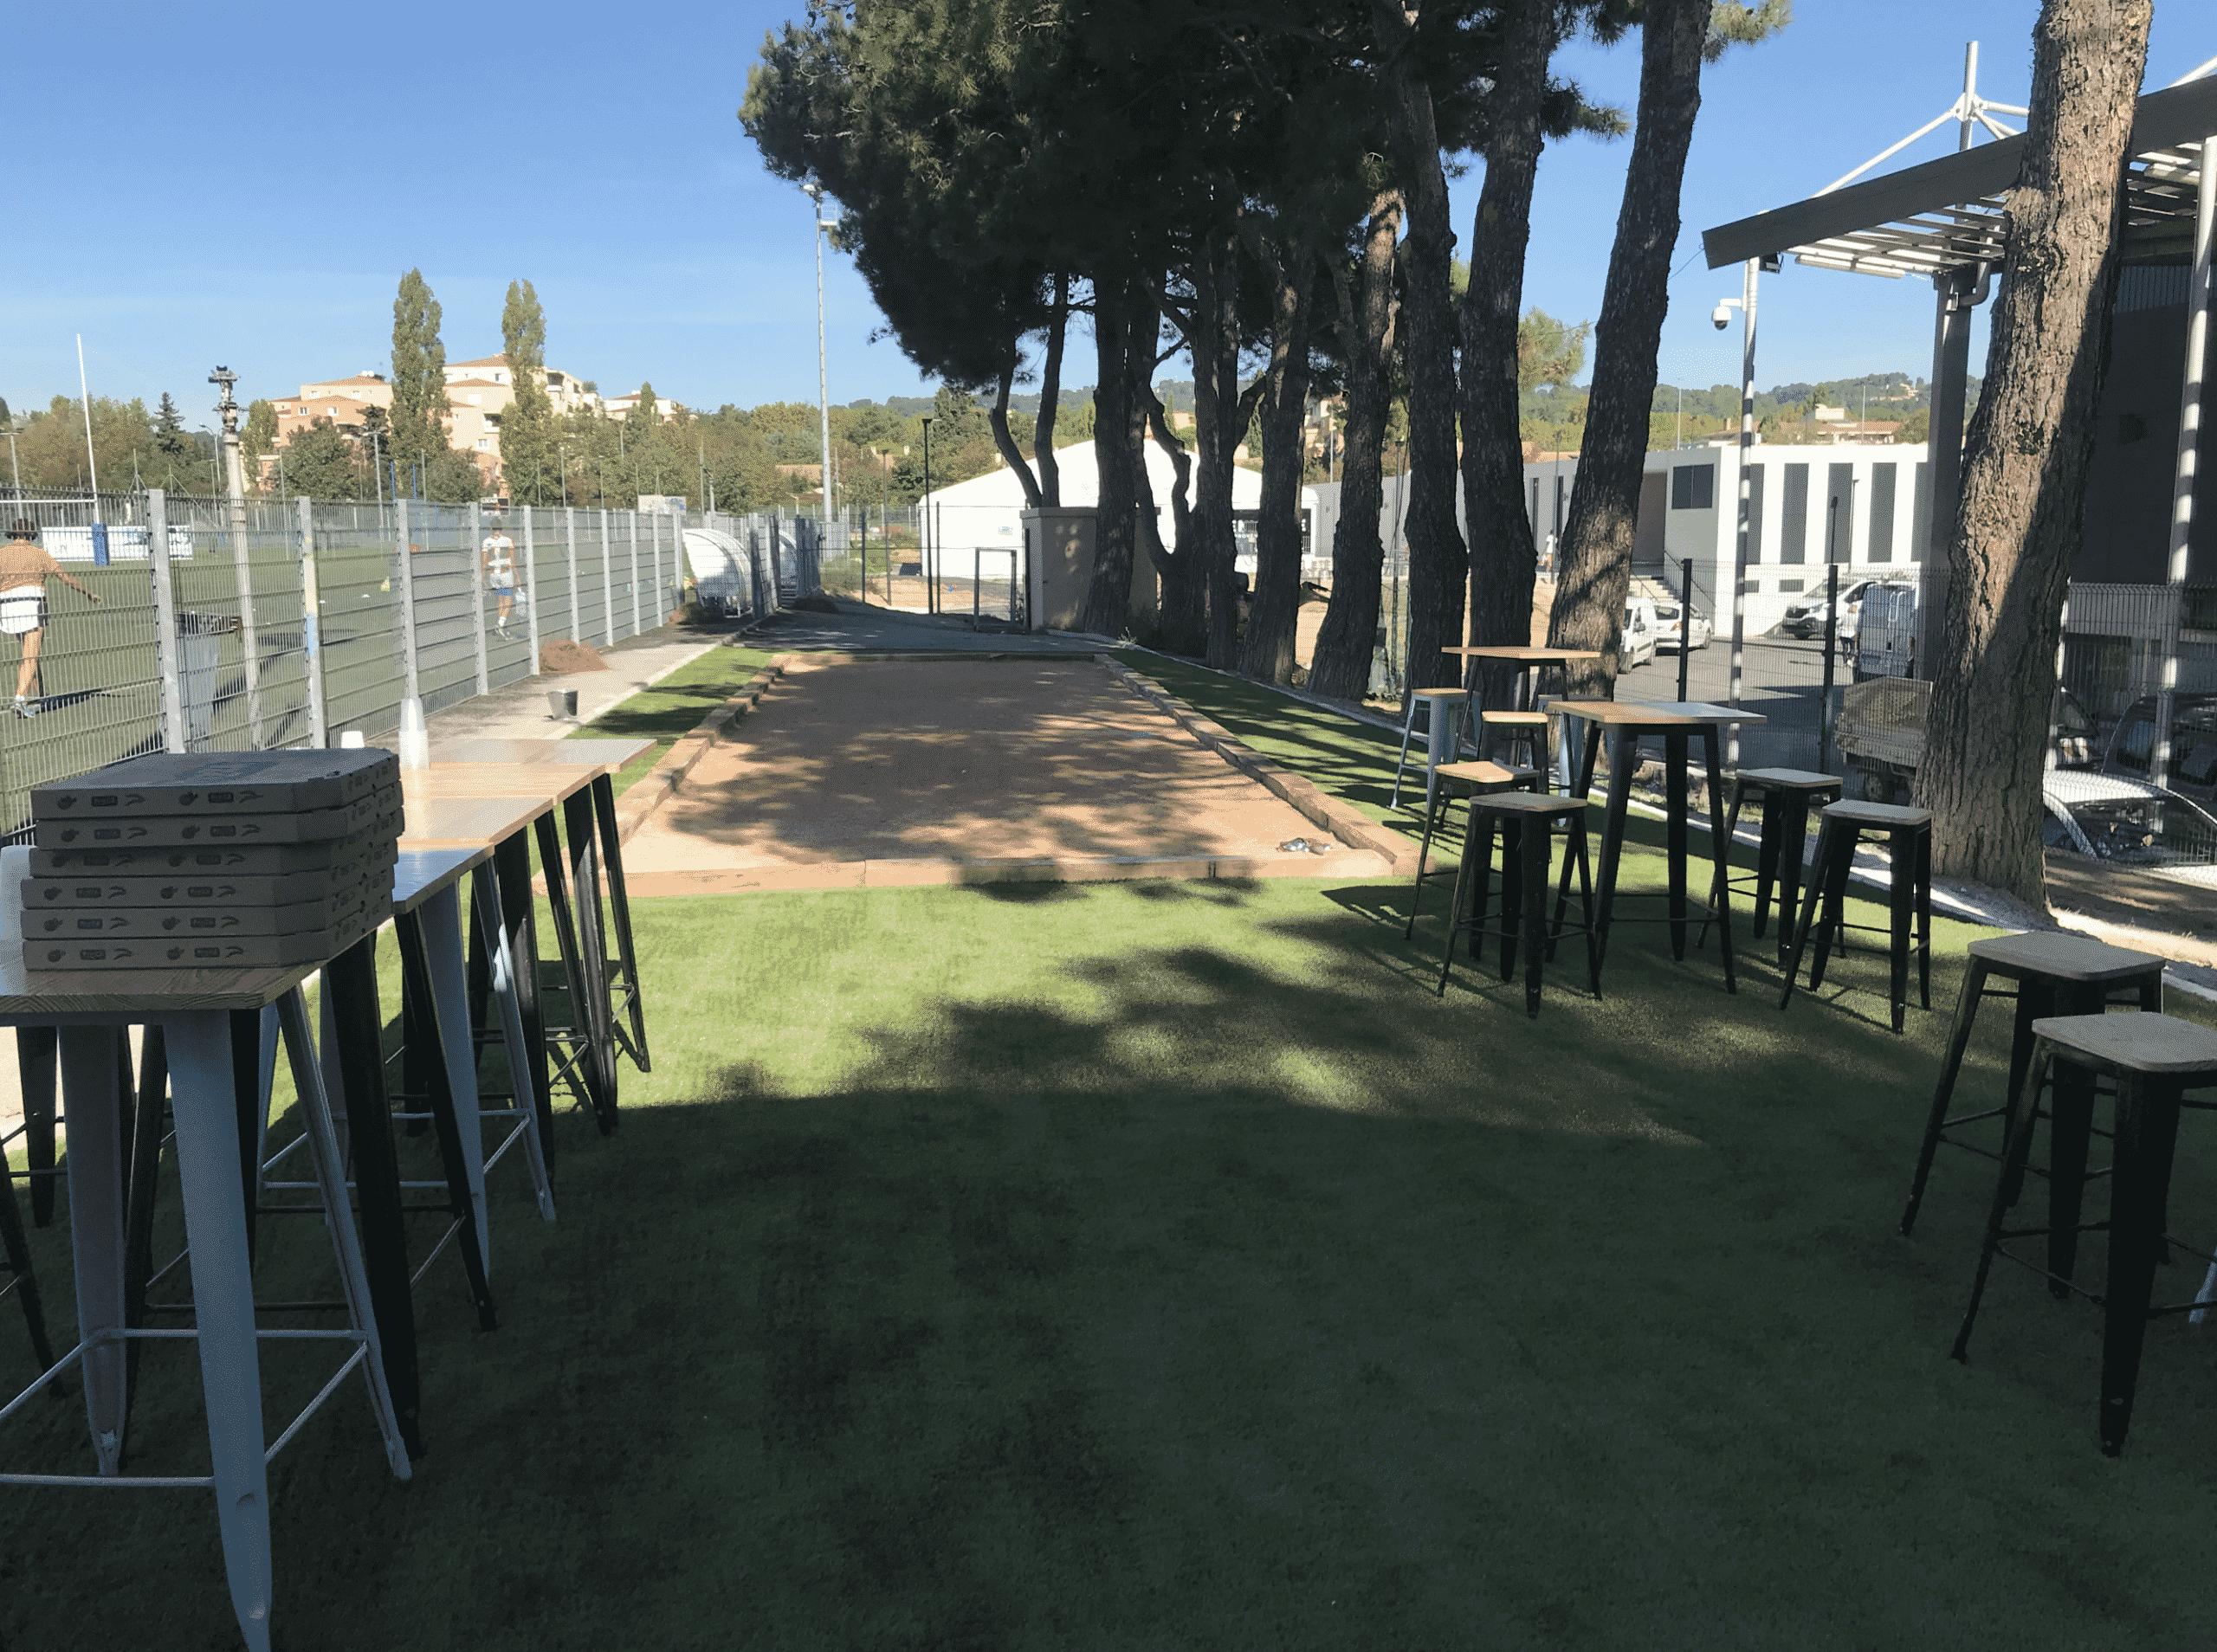 terrain-petanque-aix-en-provence